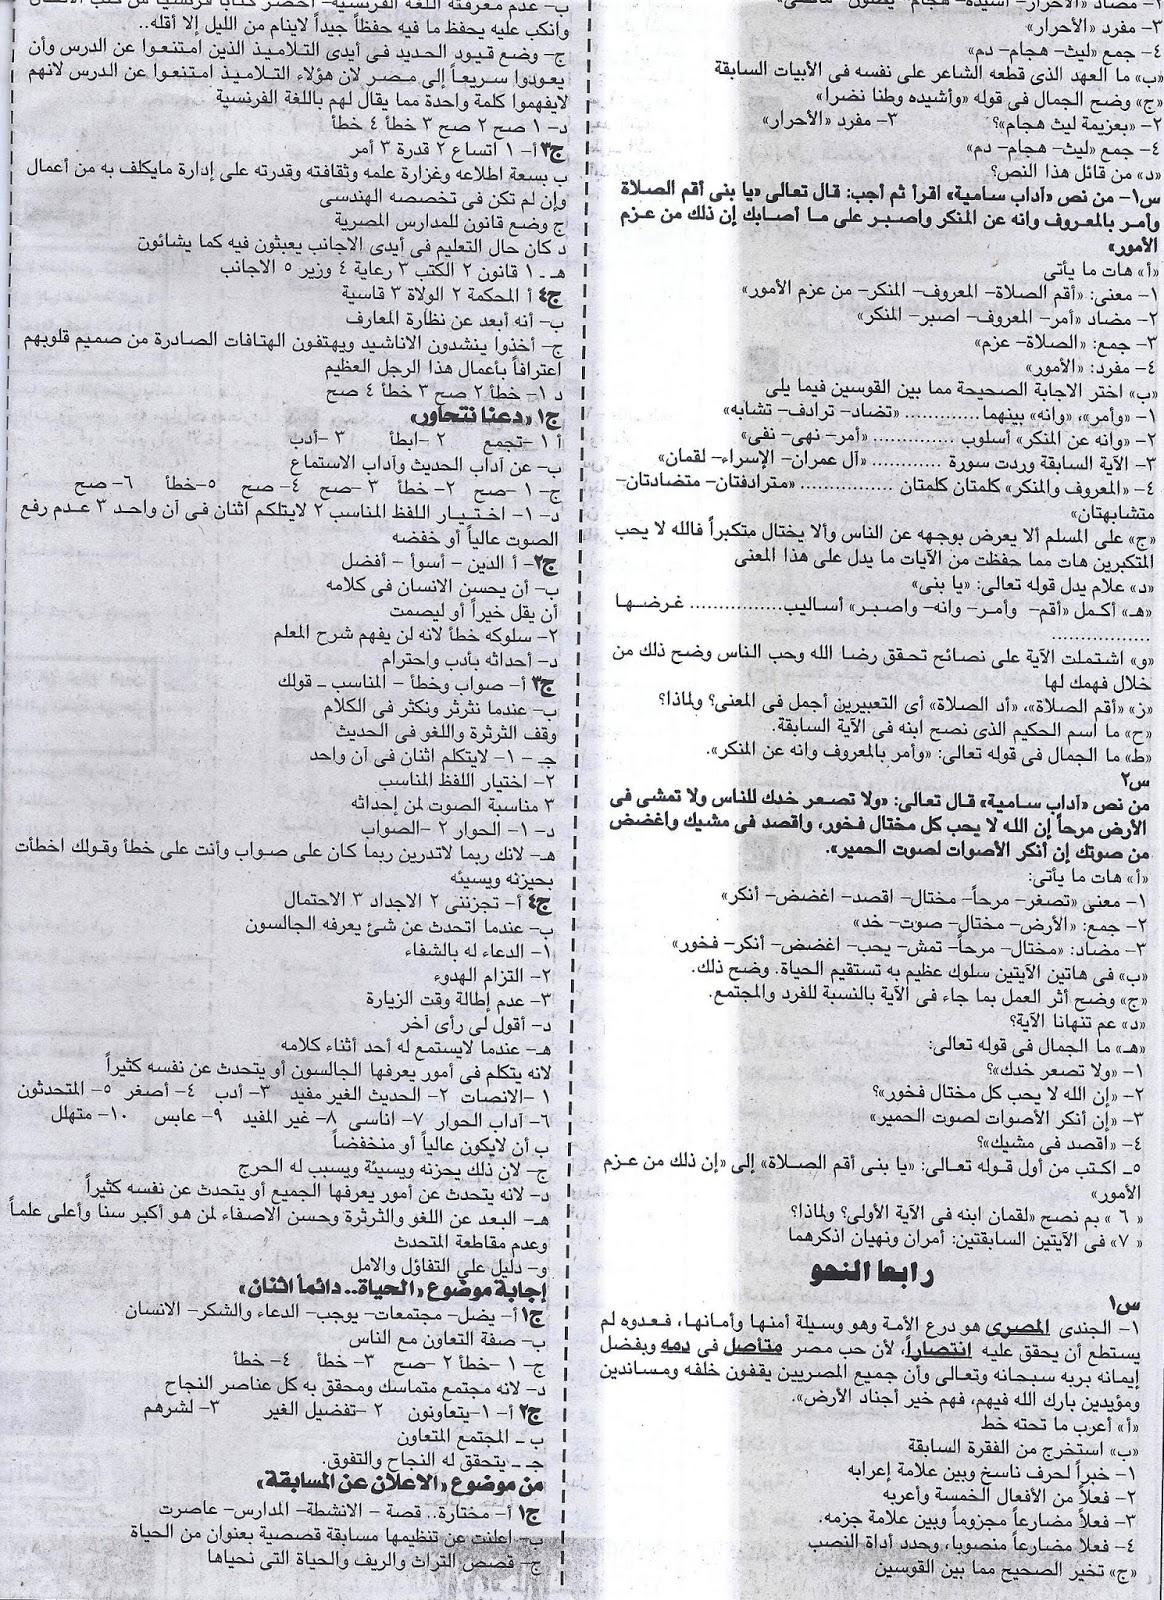 بنك سؤال وجواب لغة عربية الشهادة الابتدائية لن يخرج عنة امتحان اخر العام - ملحق الجمهورية 7/5/2016 6